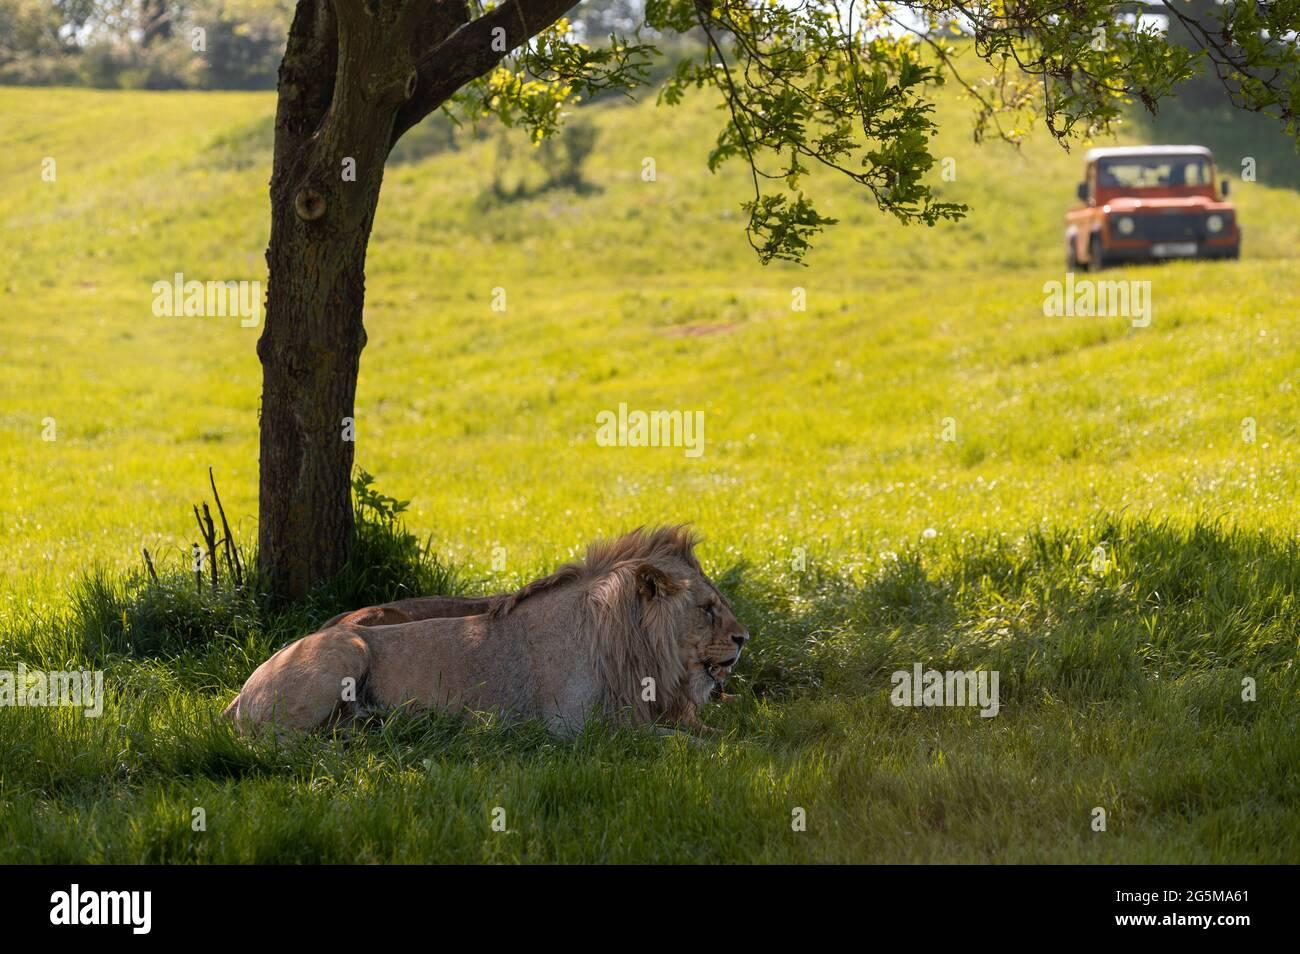 Leones descansando bajo una sombra de árbol con vehículo todoterreno 4x4 en el fondo. Foto de stock